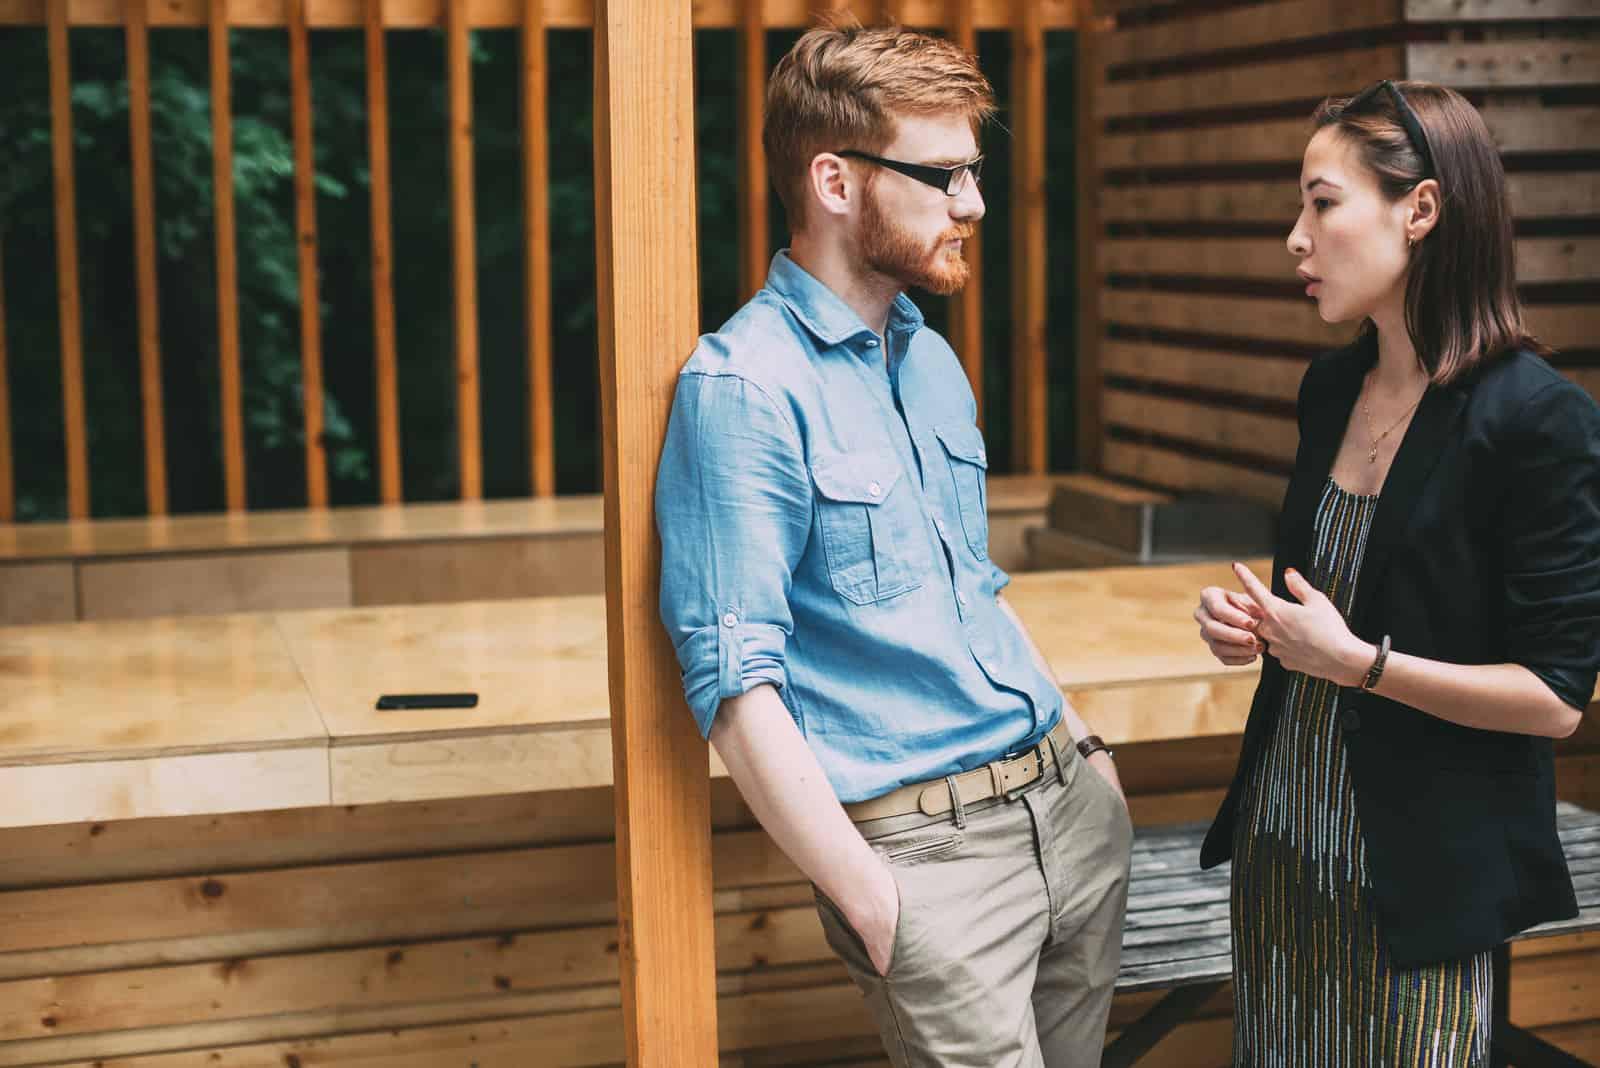 ein Mann und eine Frau stehen und reden